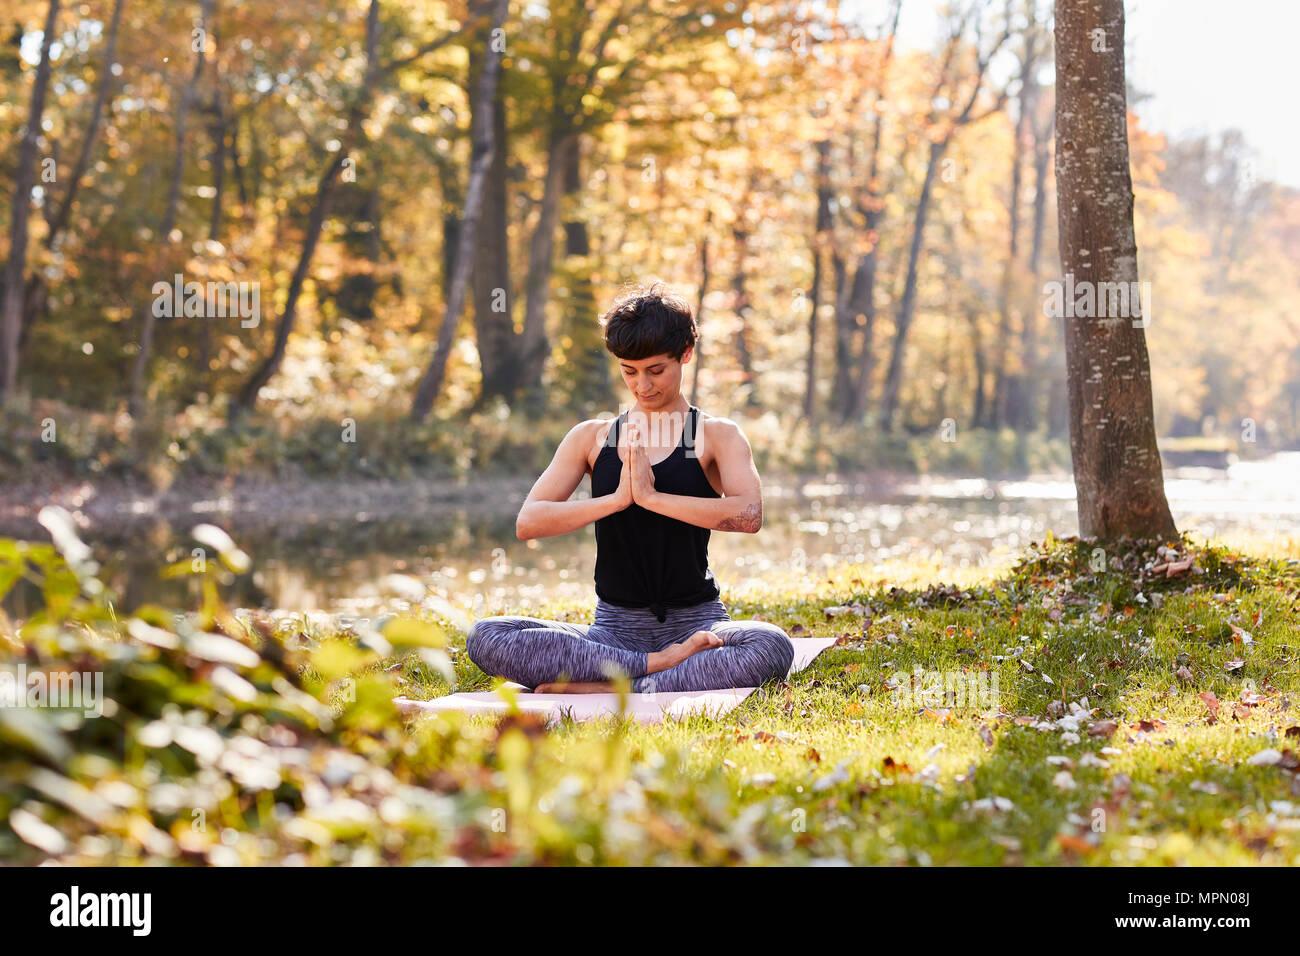 Metà donna adulta nella foresta a praticare yoga e meditazione Immagini Stock